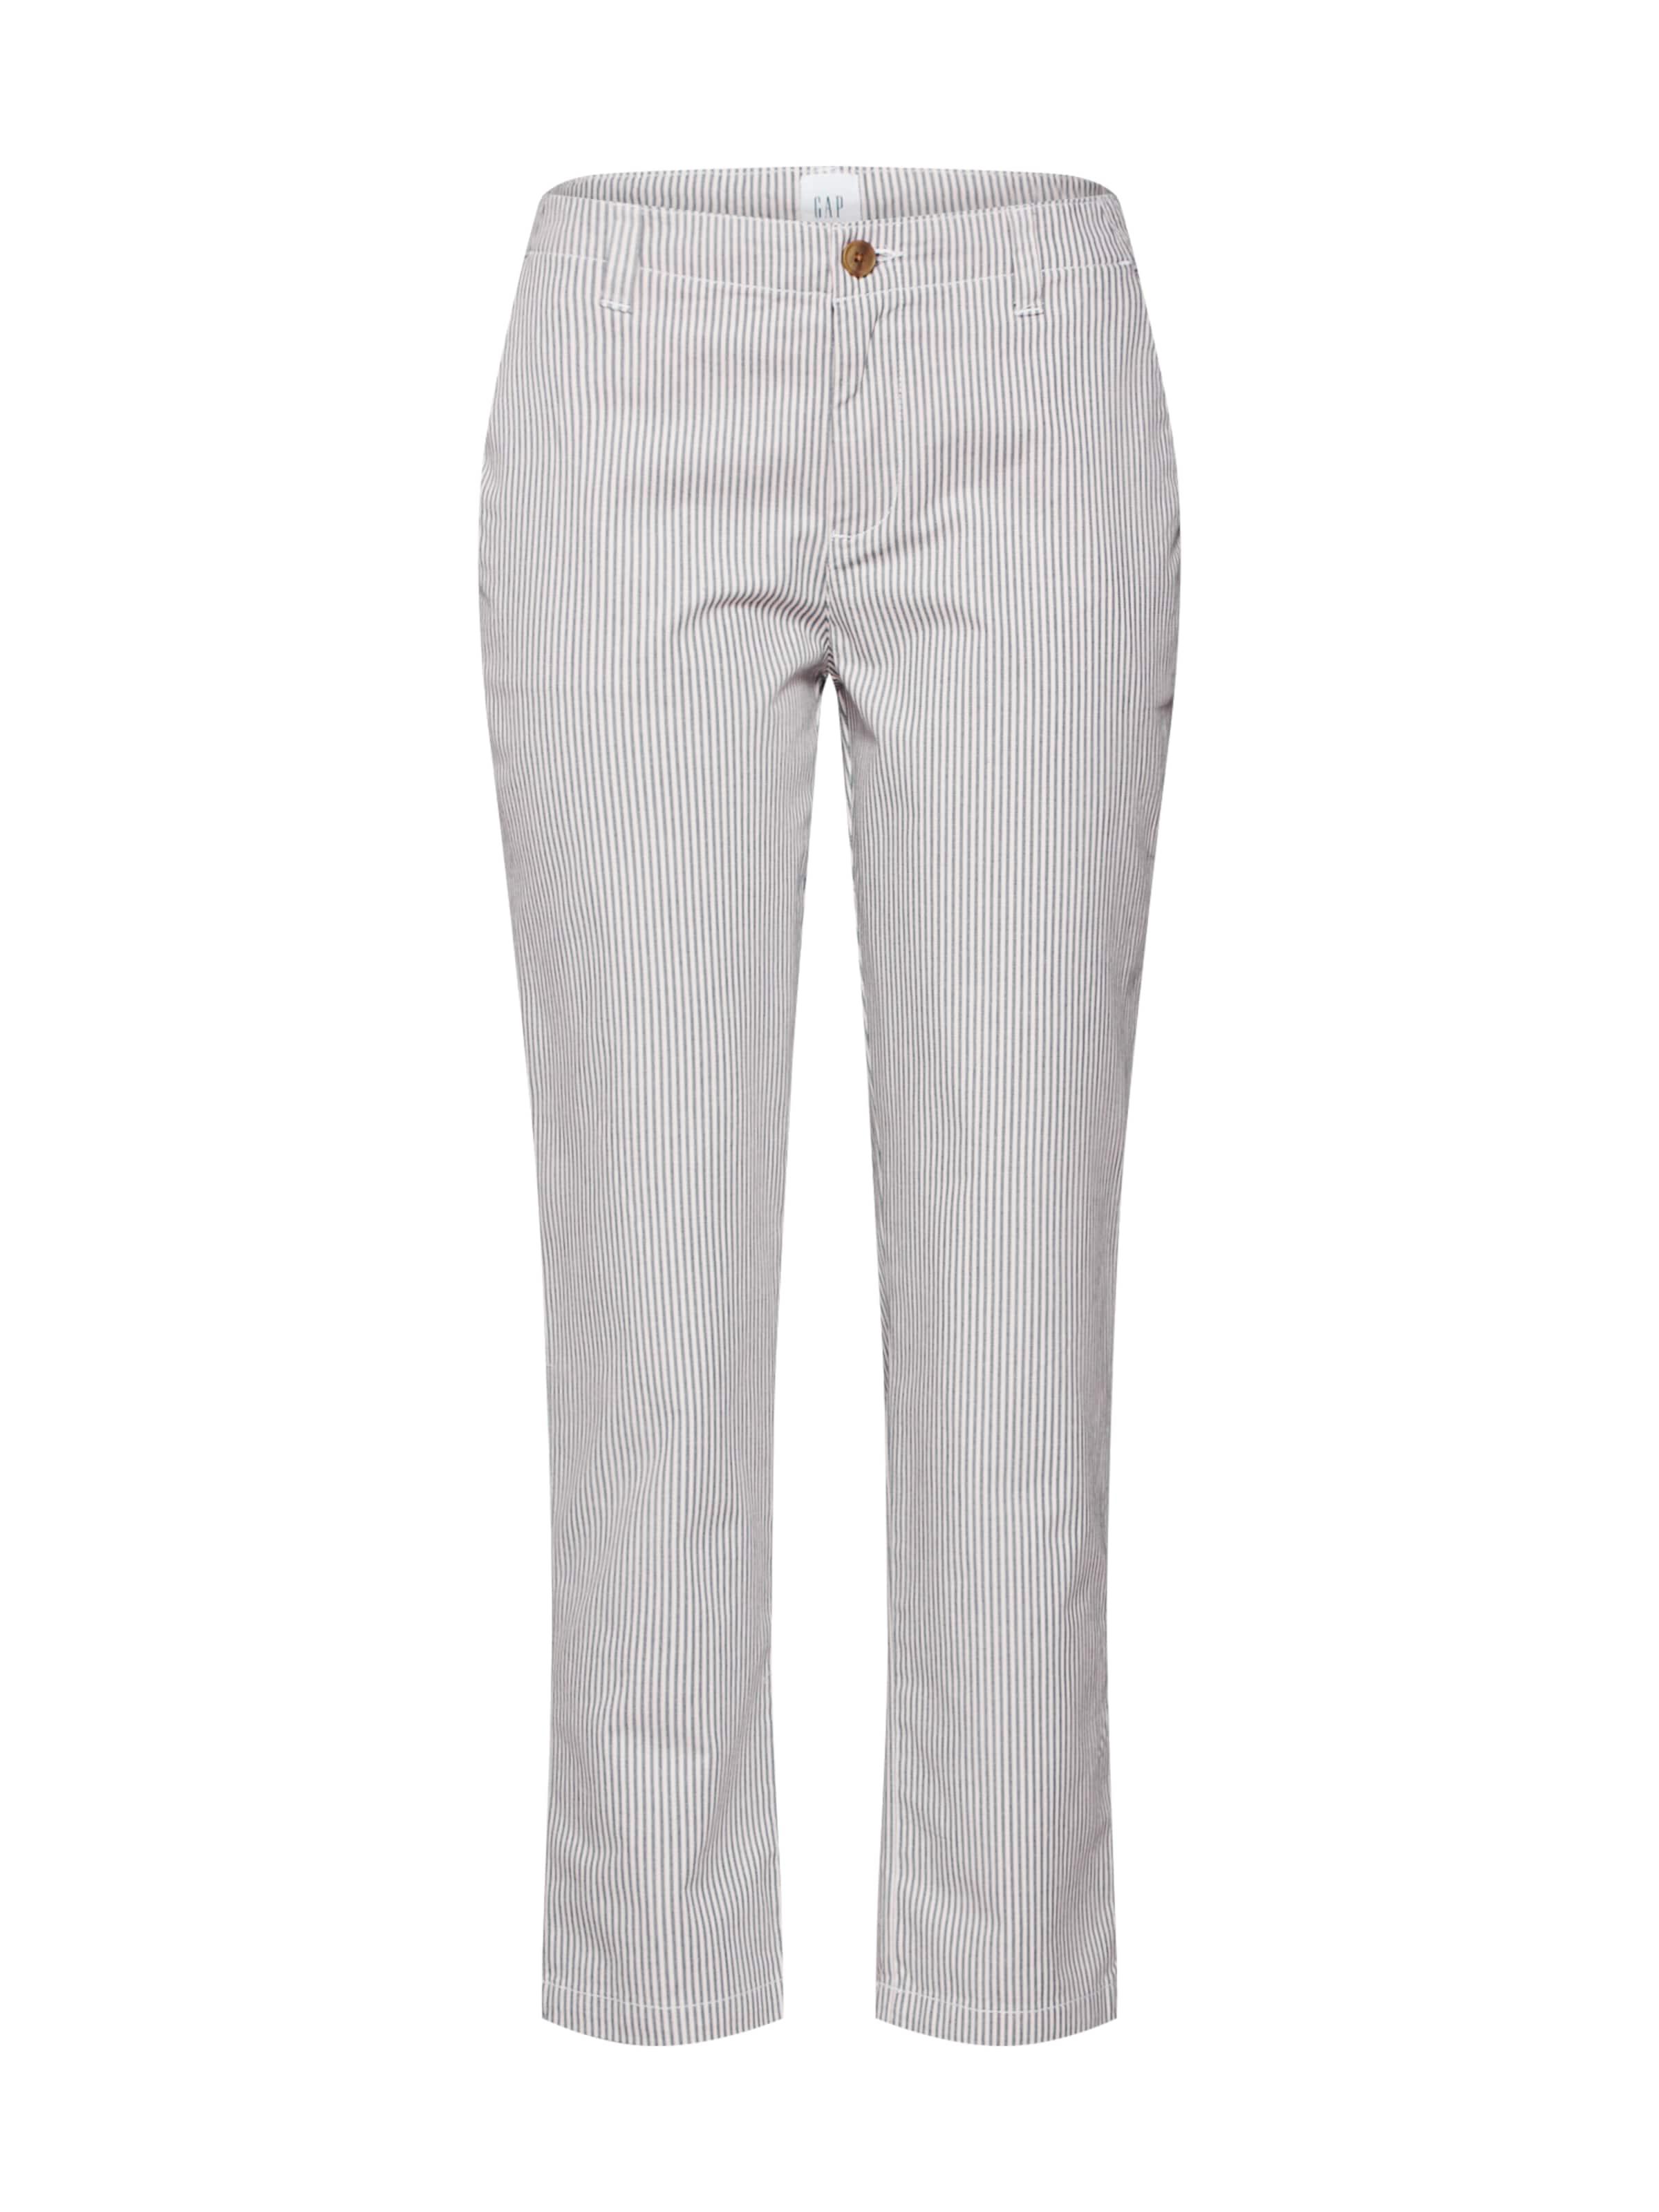 Pantalon Chino GrisBlanc Gap En OXwn0Pk8